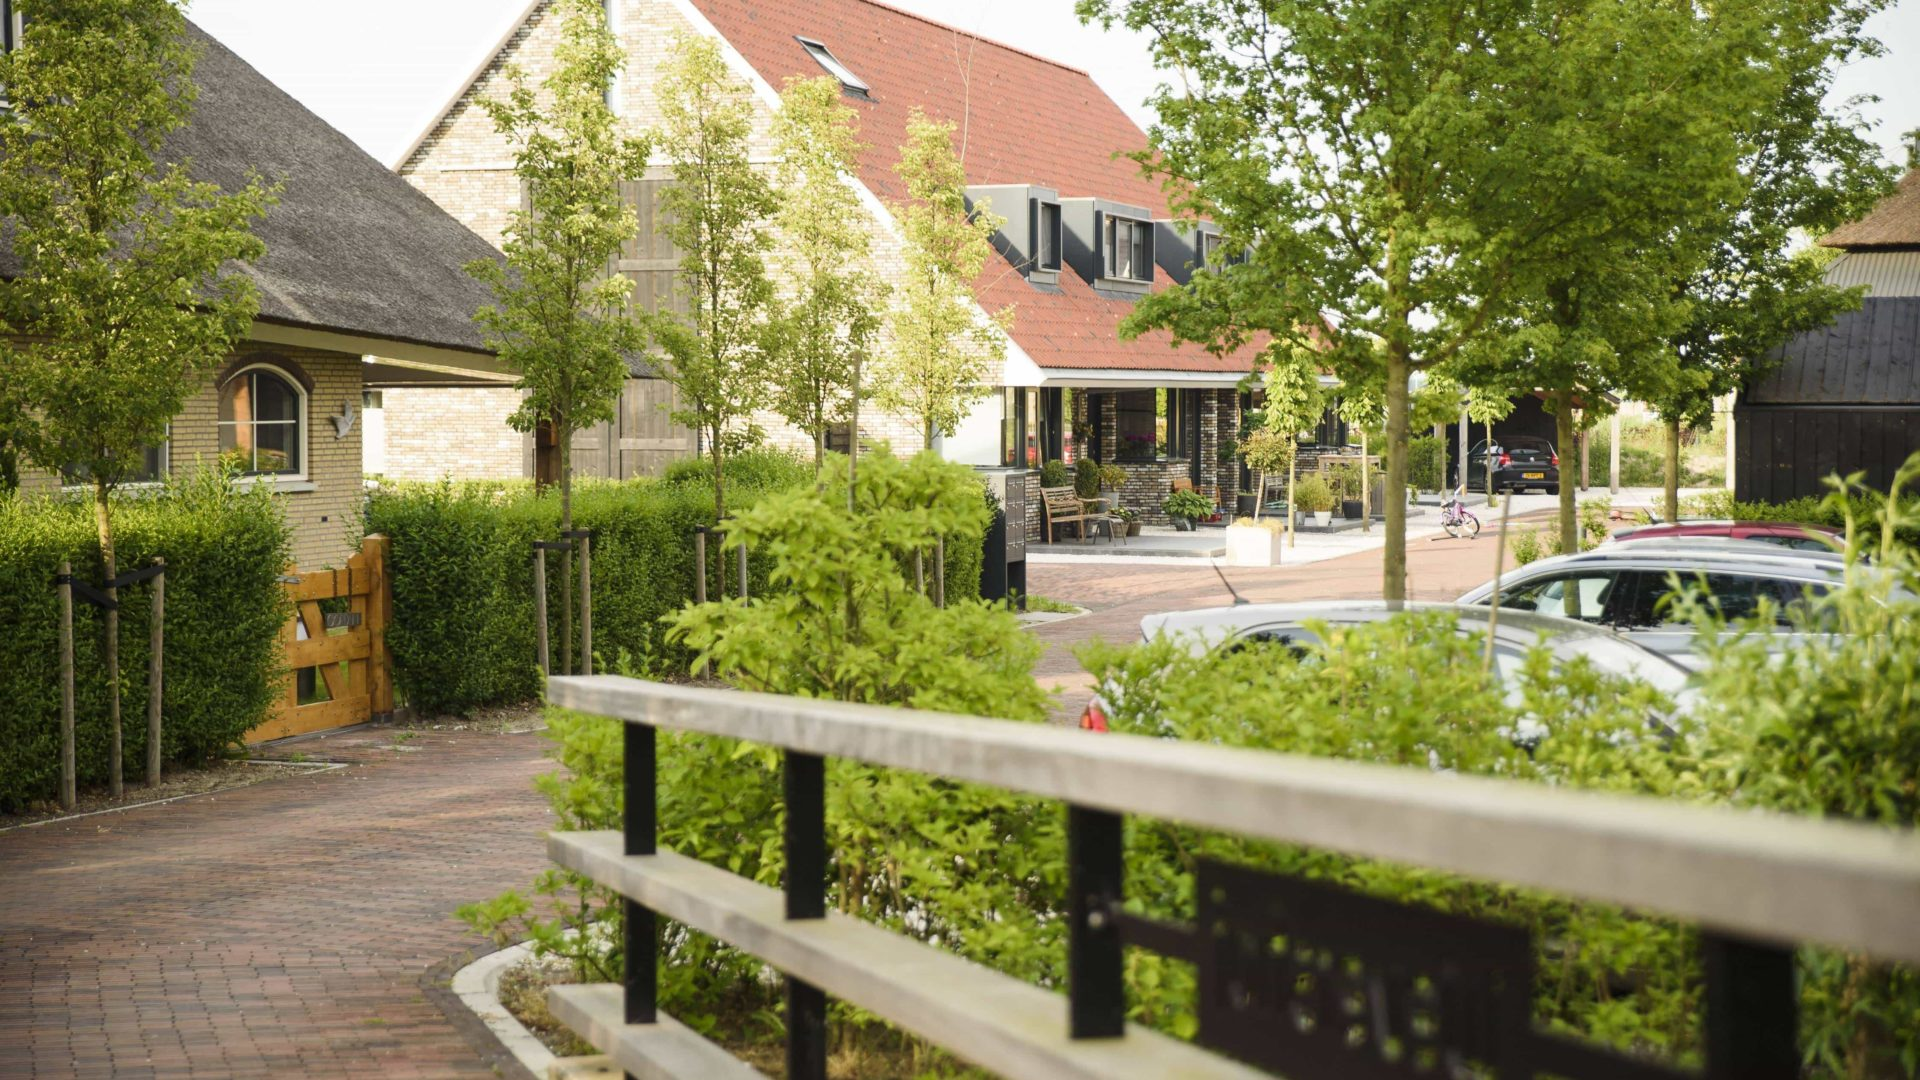 Gerealisserd-Wilgenrijk-met-studio-2